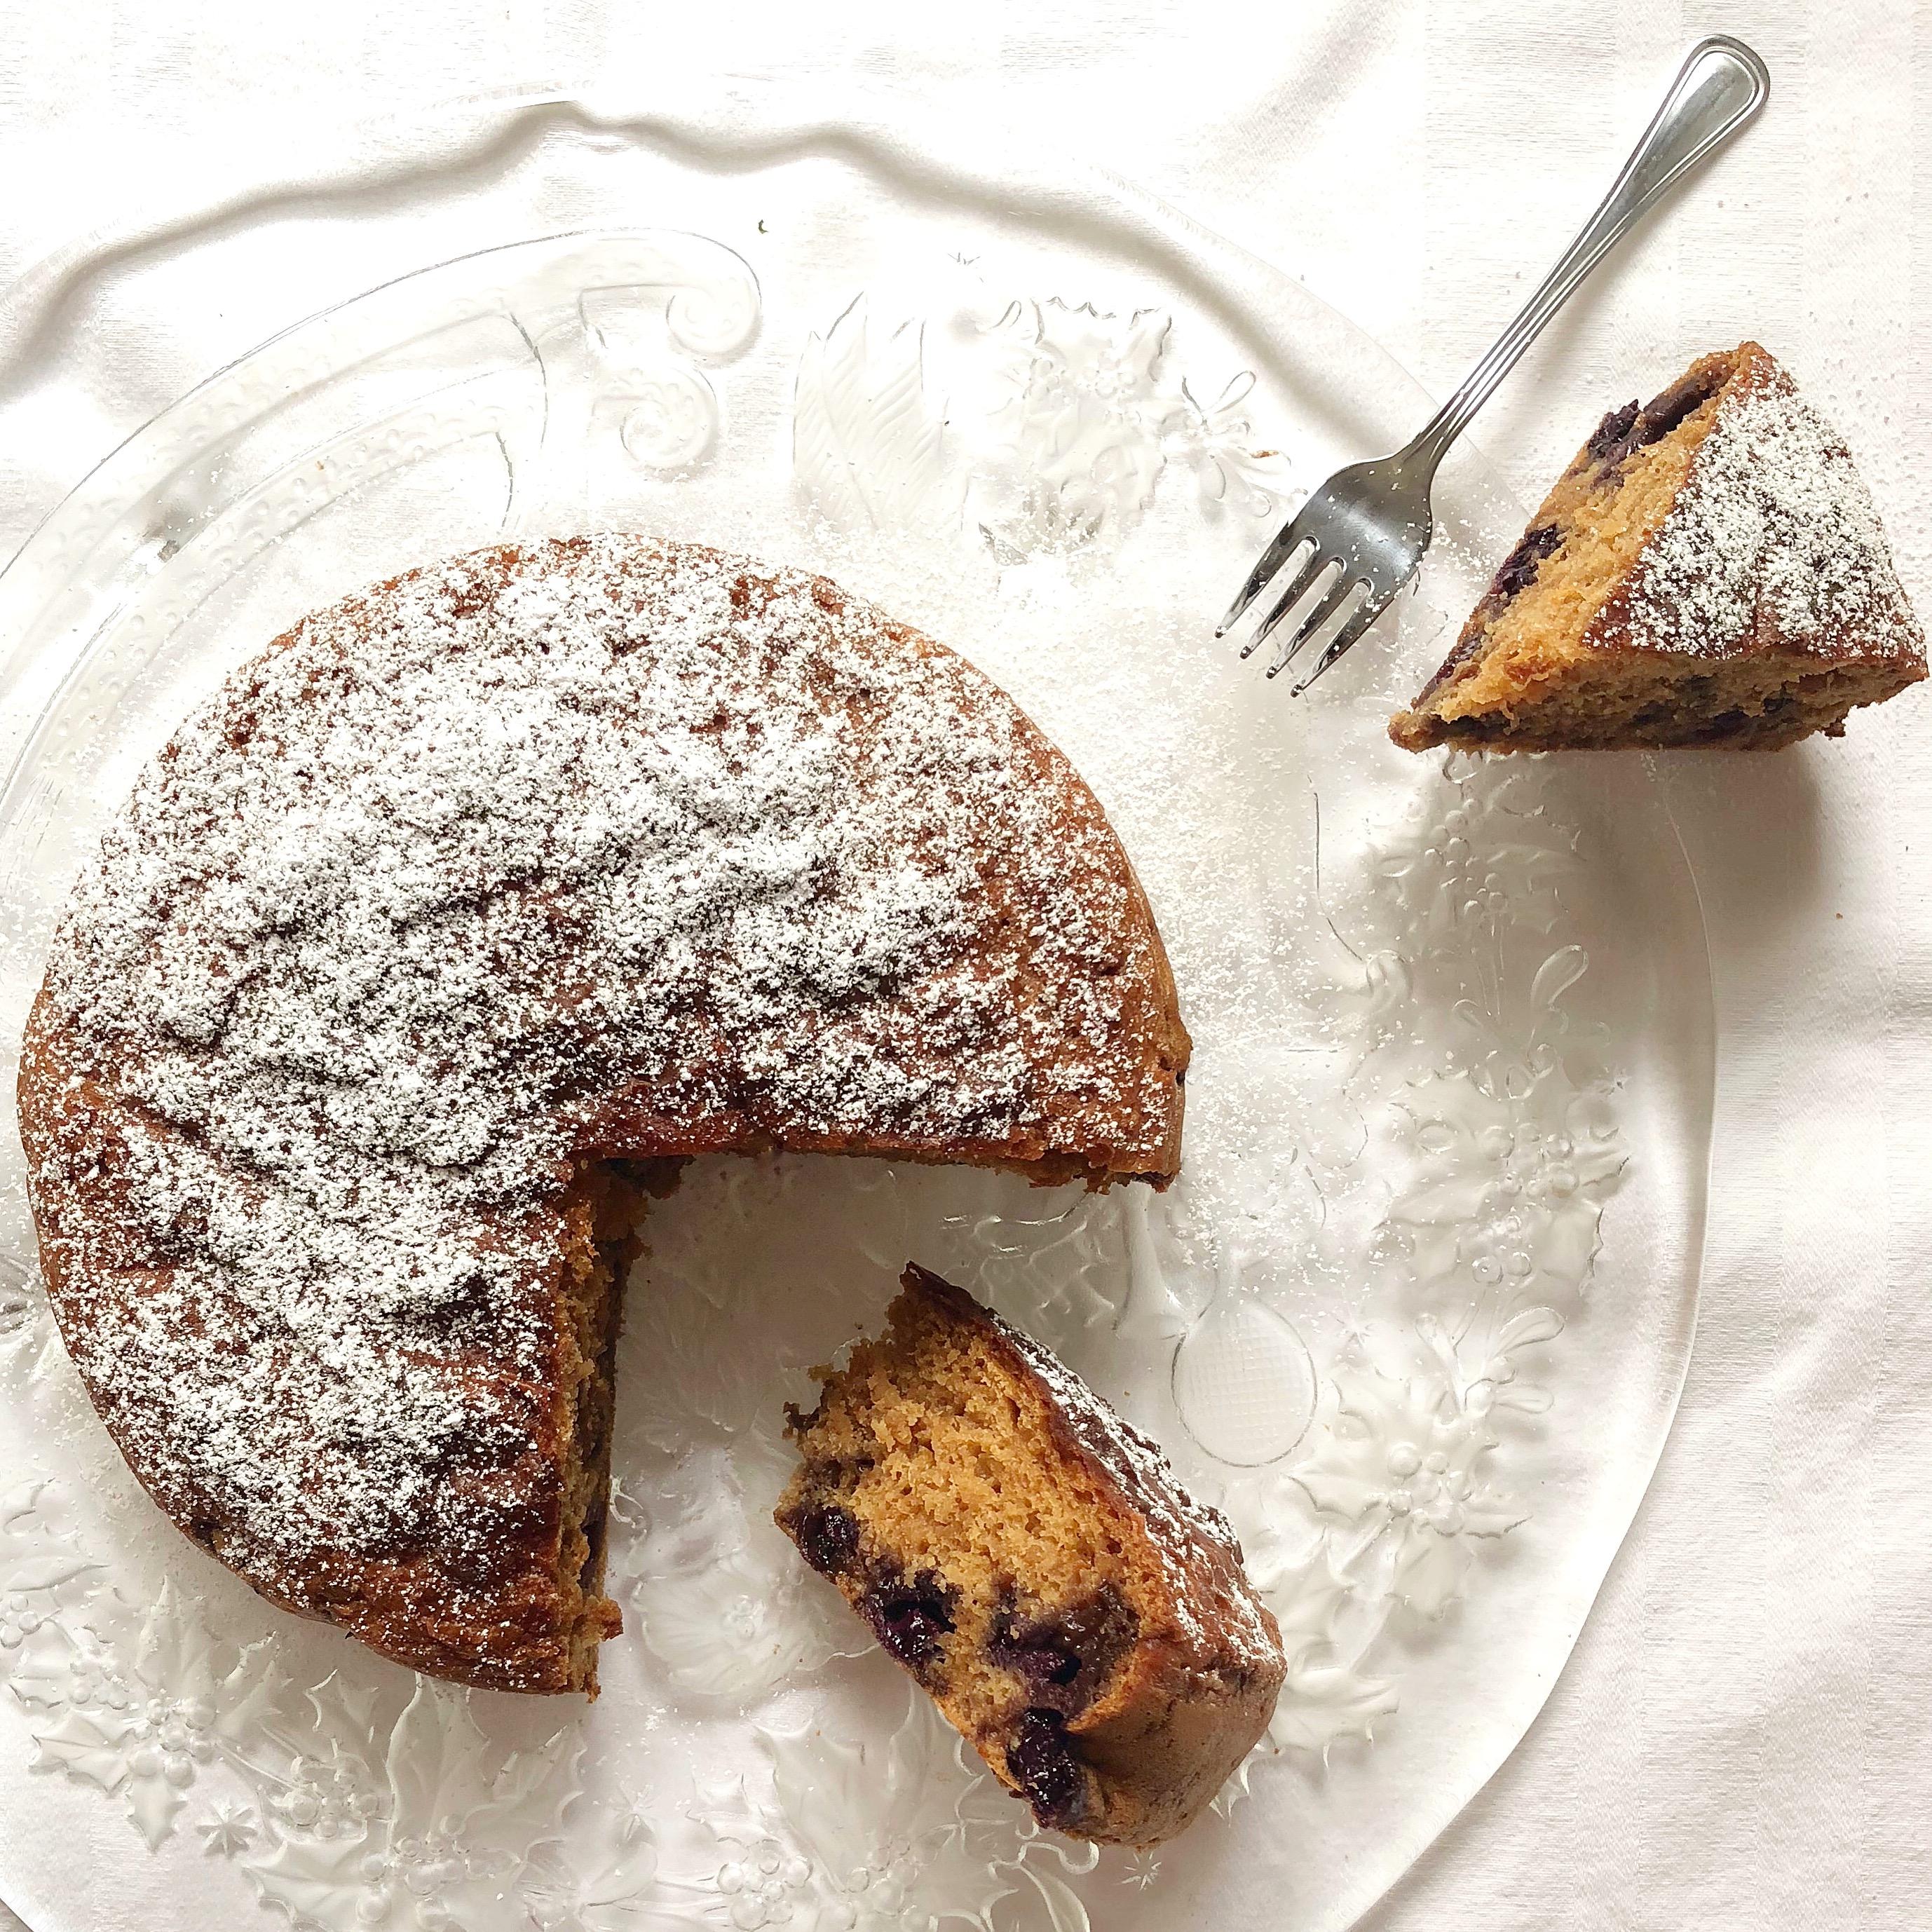 Torta ai Mirtilli Senza Uova e Burro, un dolce light di dolci senza burro